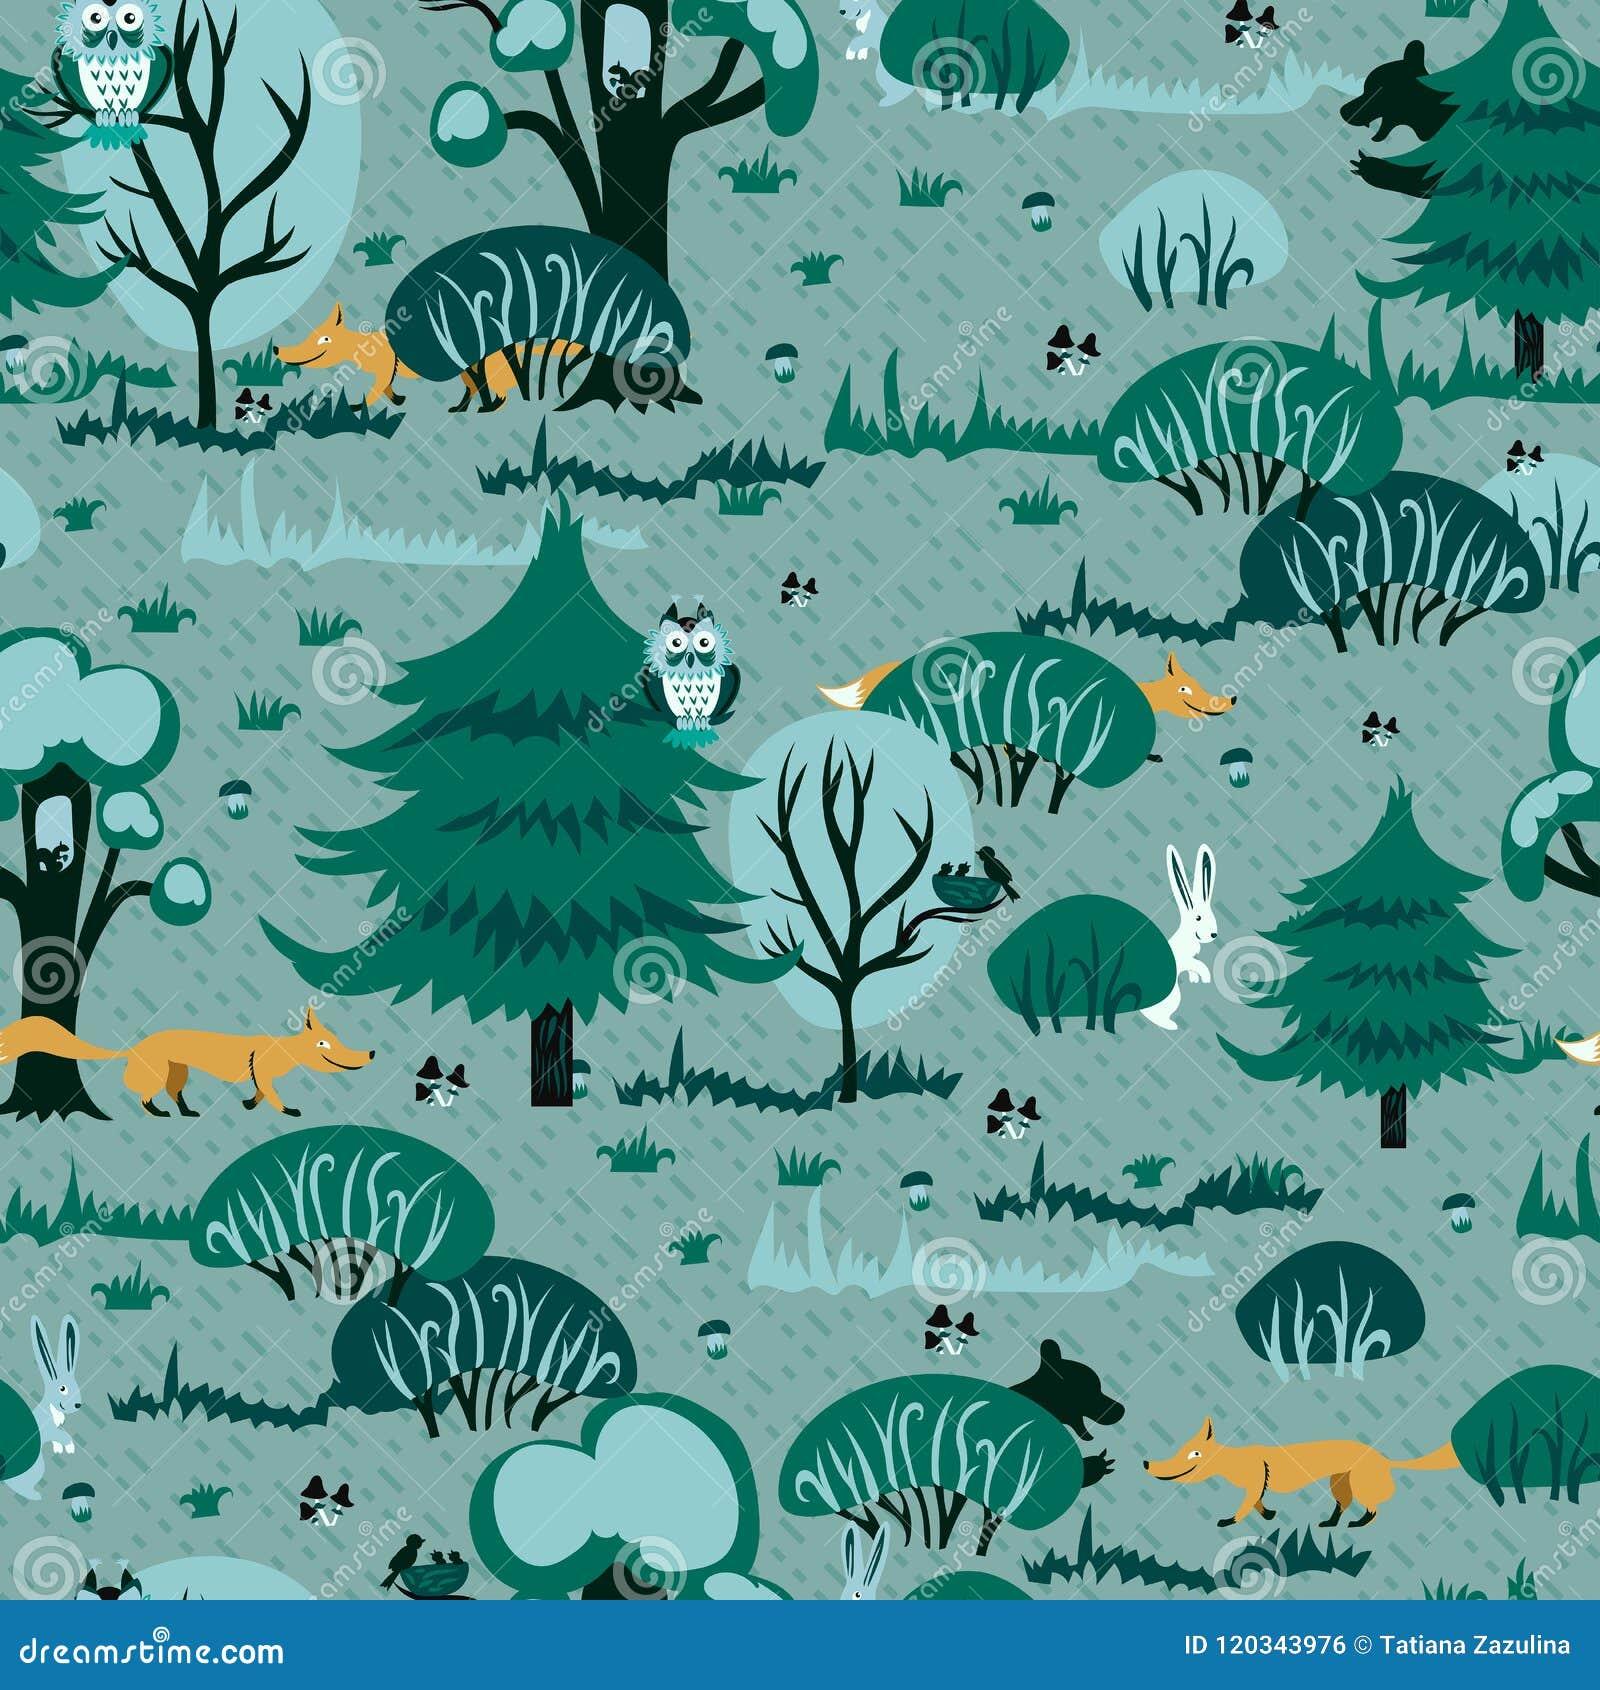 Un modèle gai pour des enfants dépeignant une forêt de pin avec les chanterelles rouges et les lapins mignons tissu sans couture